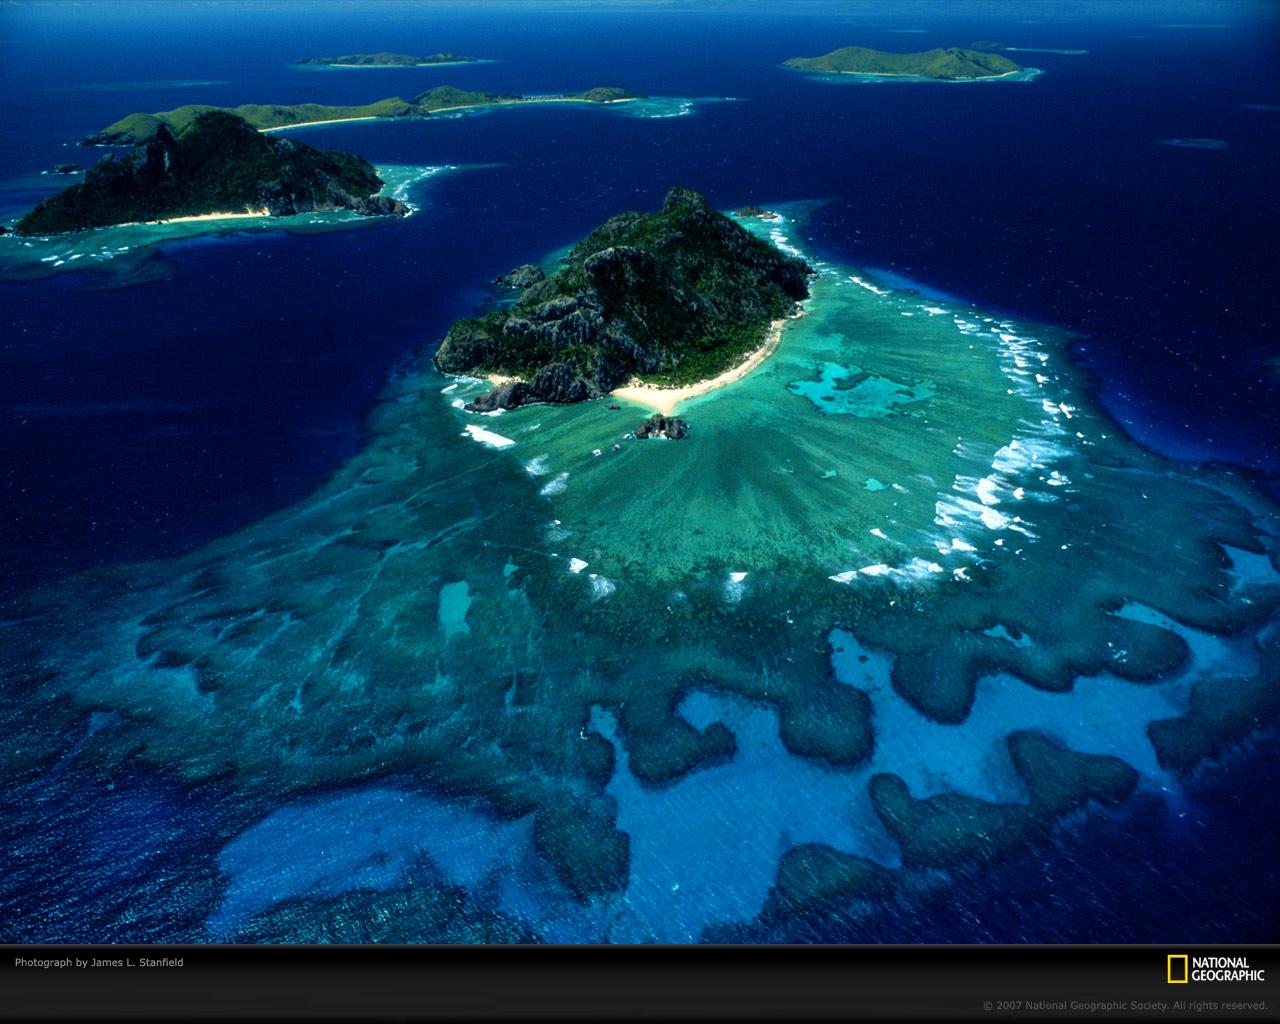 http://1.bp.blogspot.com/_O6IB679bdHA/SwPIMLgnhjI/AAAAAAAAAYs/OV2rY81evCI/s1600/fiji-islands-melanesia-aerial-498216-xl.jpg